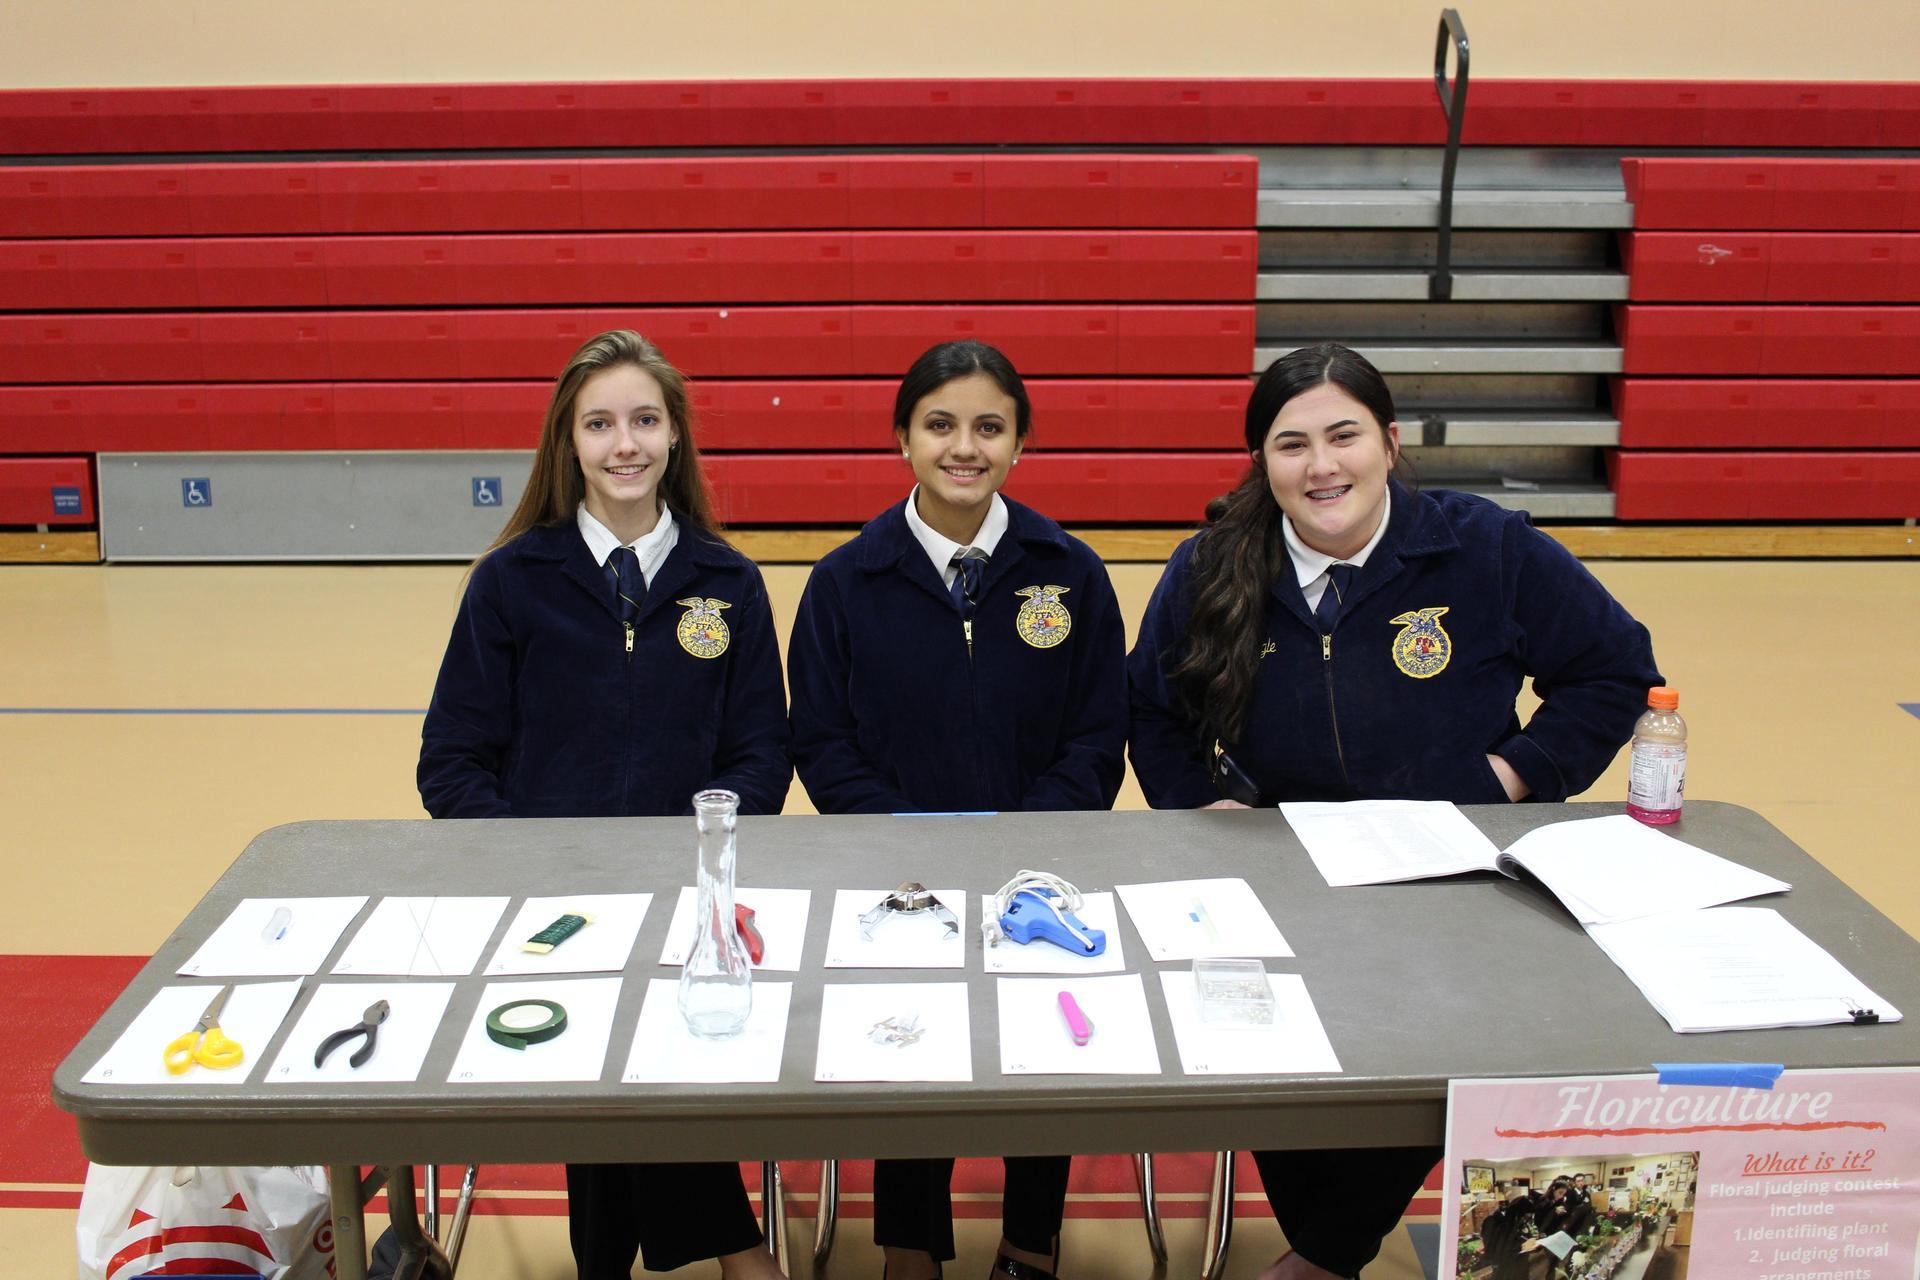 Holly Tennesen, Maria Mendonca, and Jalyssa Escoto